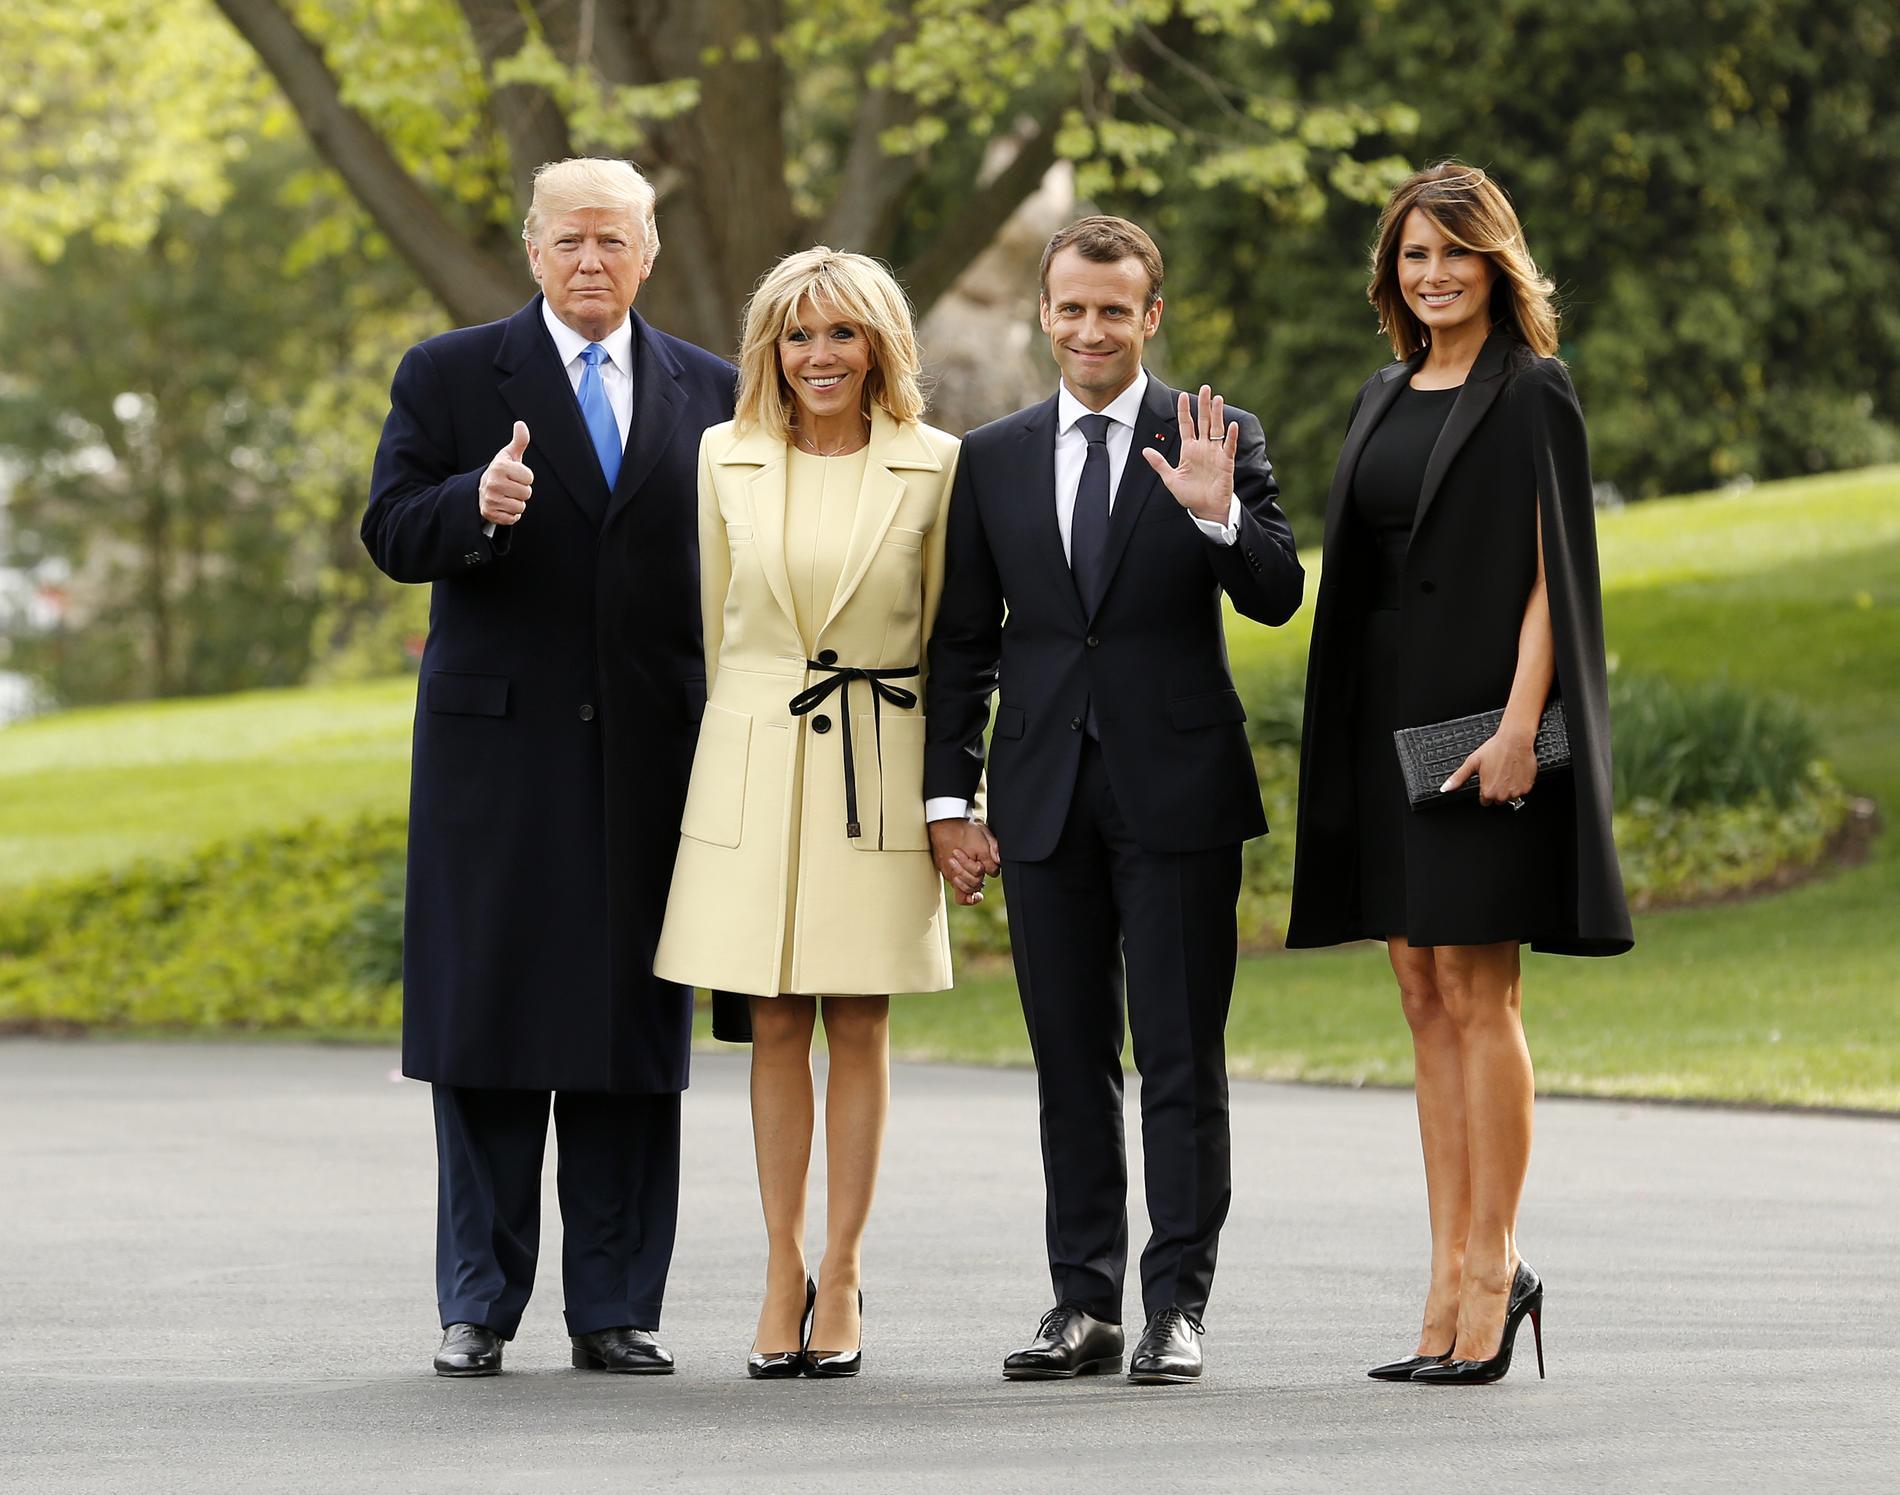 De brigitte macron et melania trump les deux femmes à la maison blanche le match mode de brigitte macron et melania trump les couples présidentiels